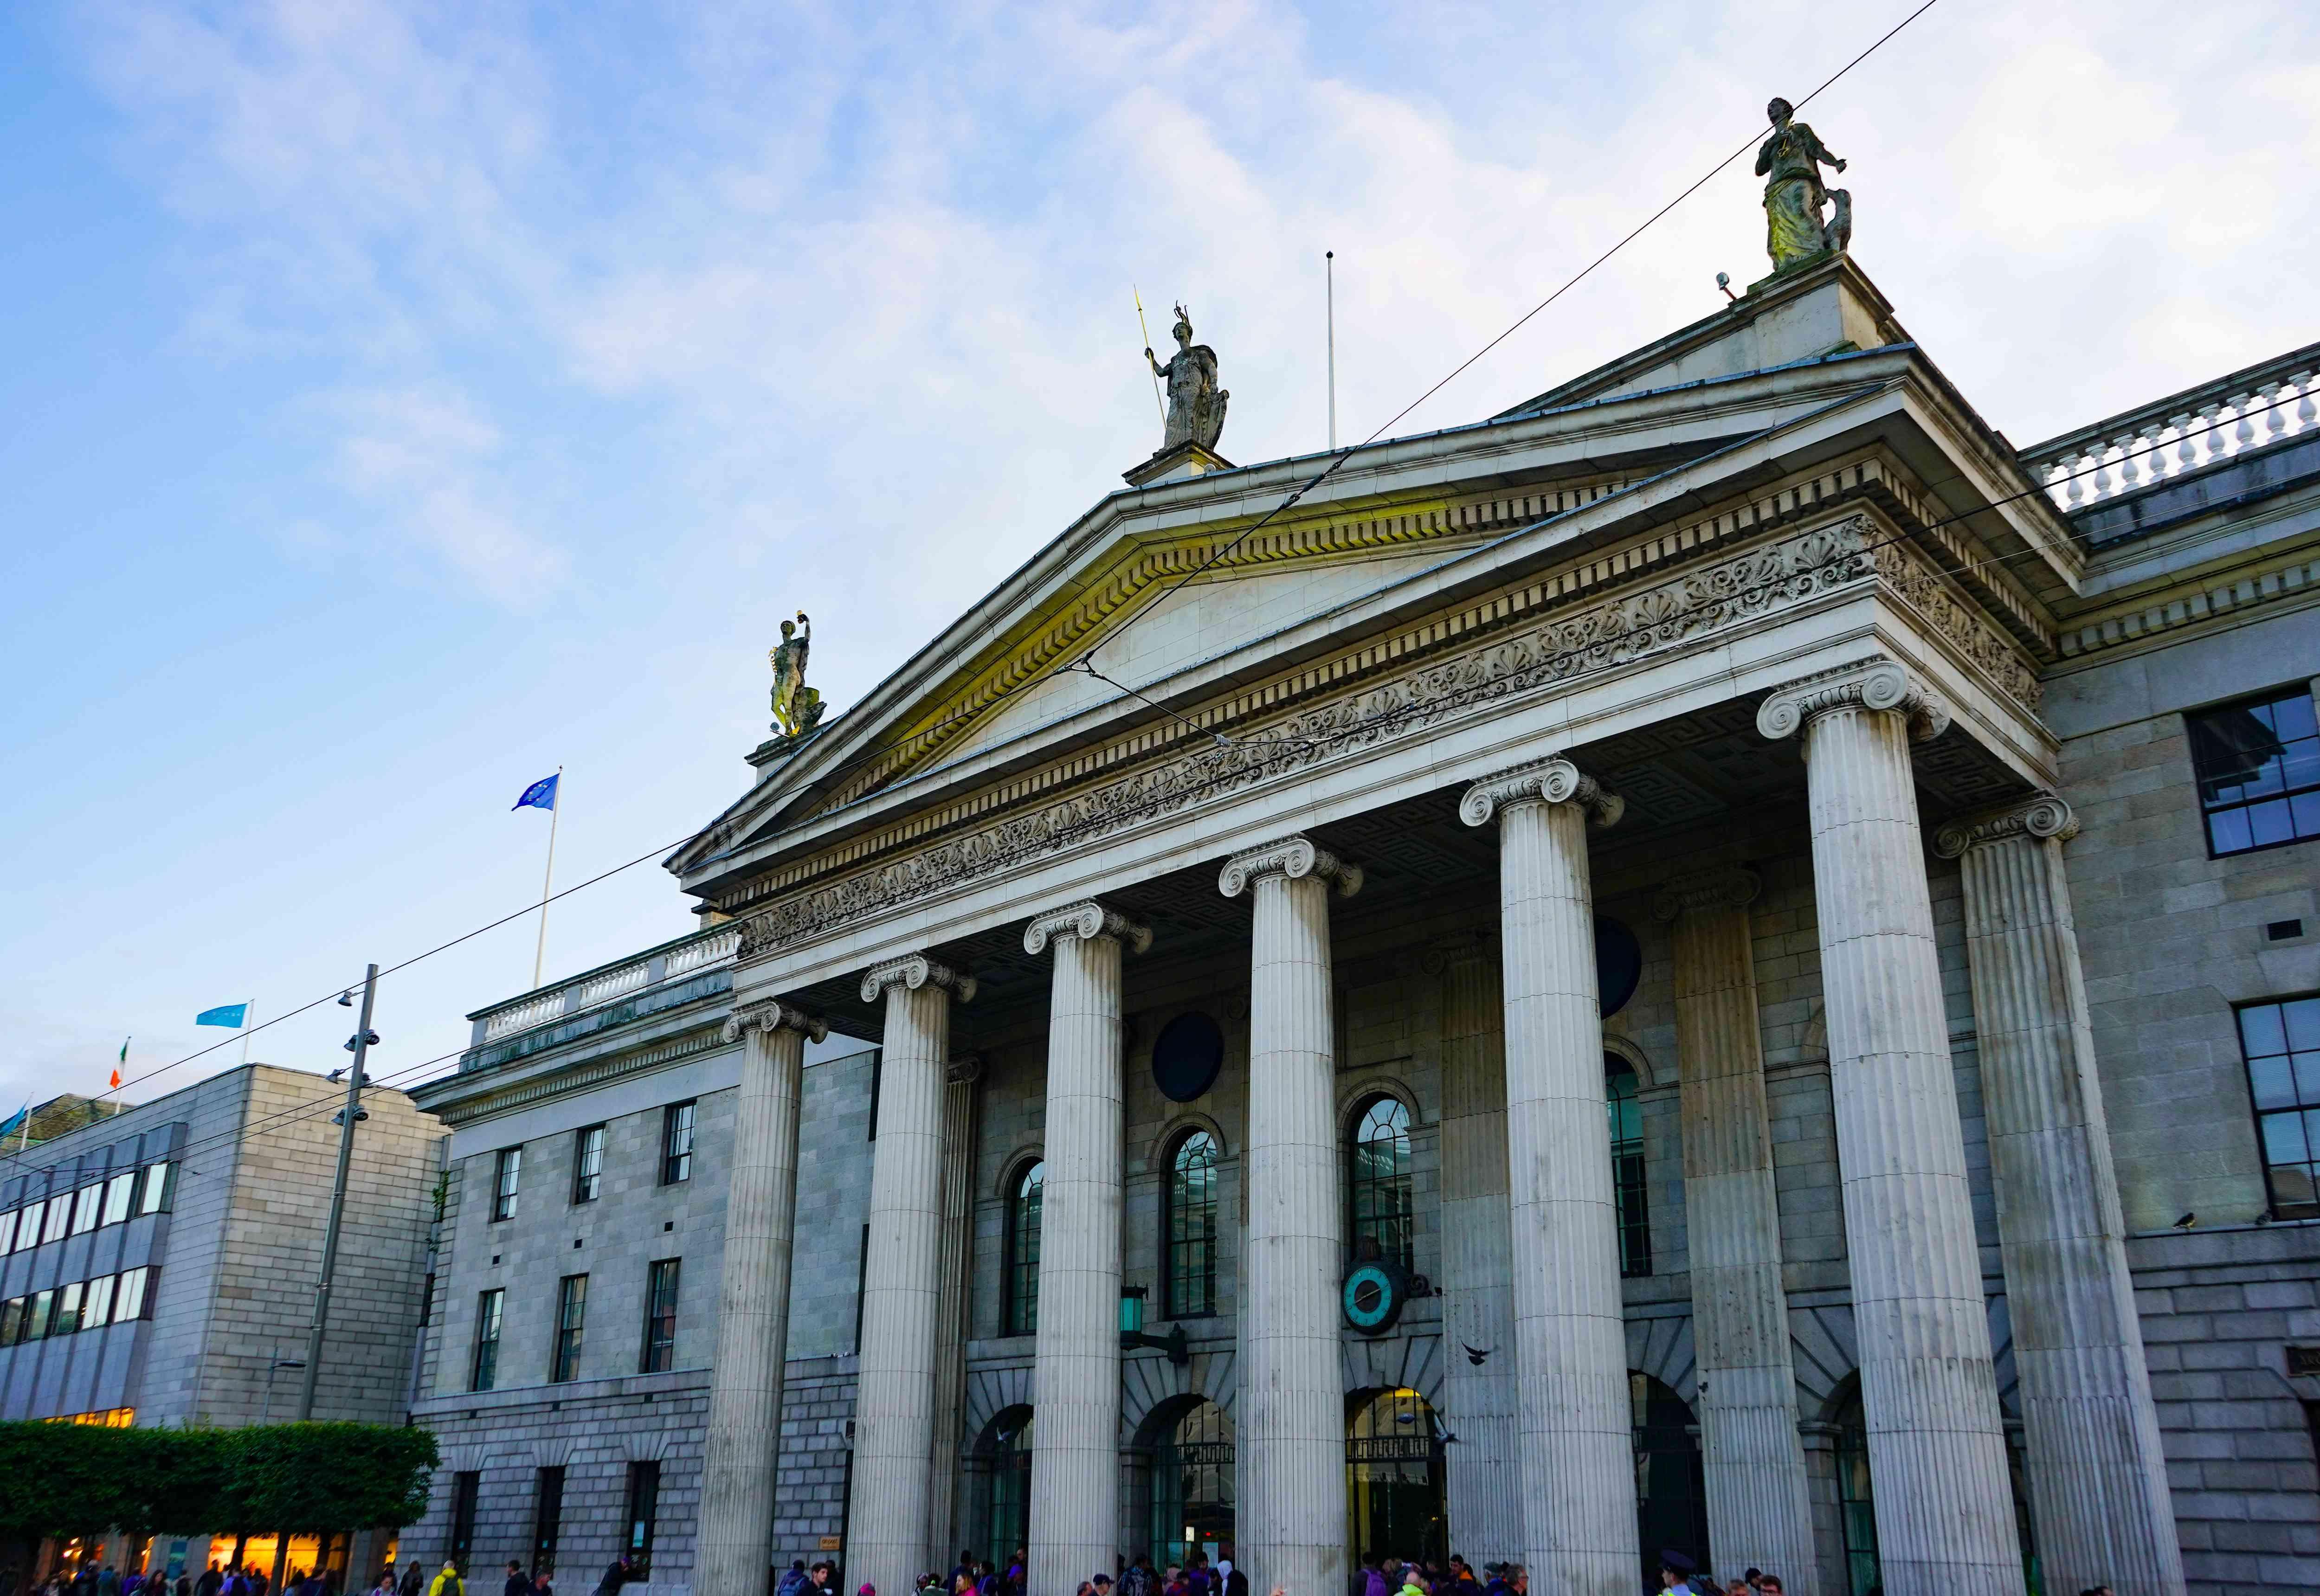 General Post Office in Dublin, Ireleand